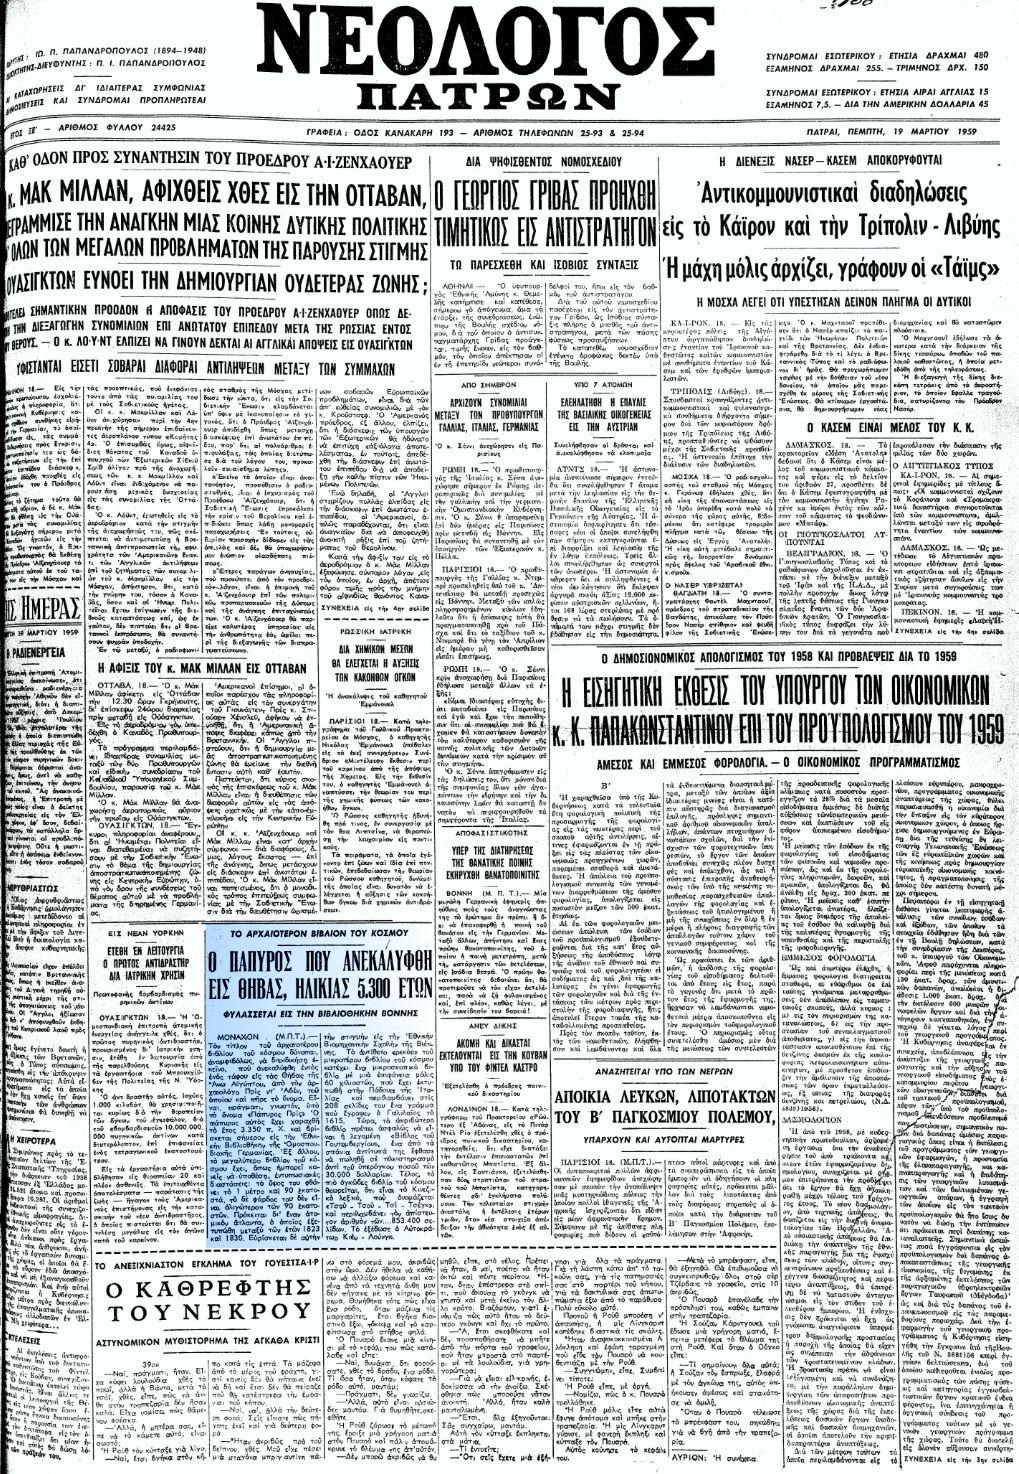 """Το άρθρο, όπως δημοσιεύθηκε στην εφημερίδα """"ΝΕΟΛΟΓΟΣ ΠΑΤΡΩΝ"""", στις 19/03/1959"""